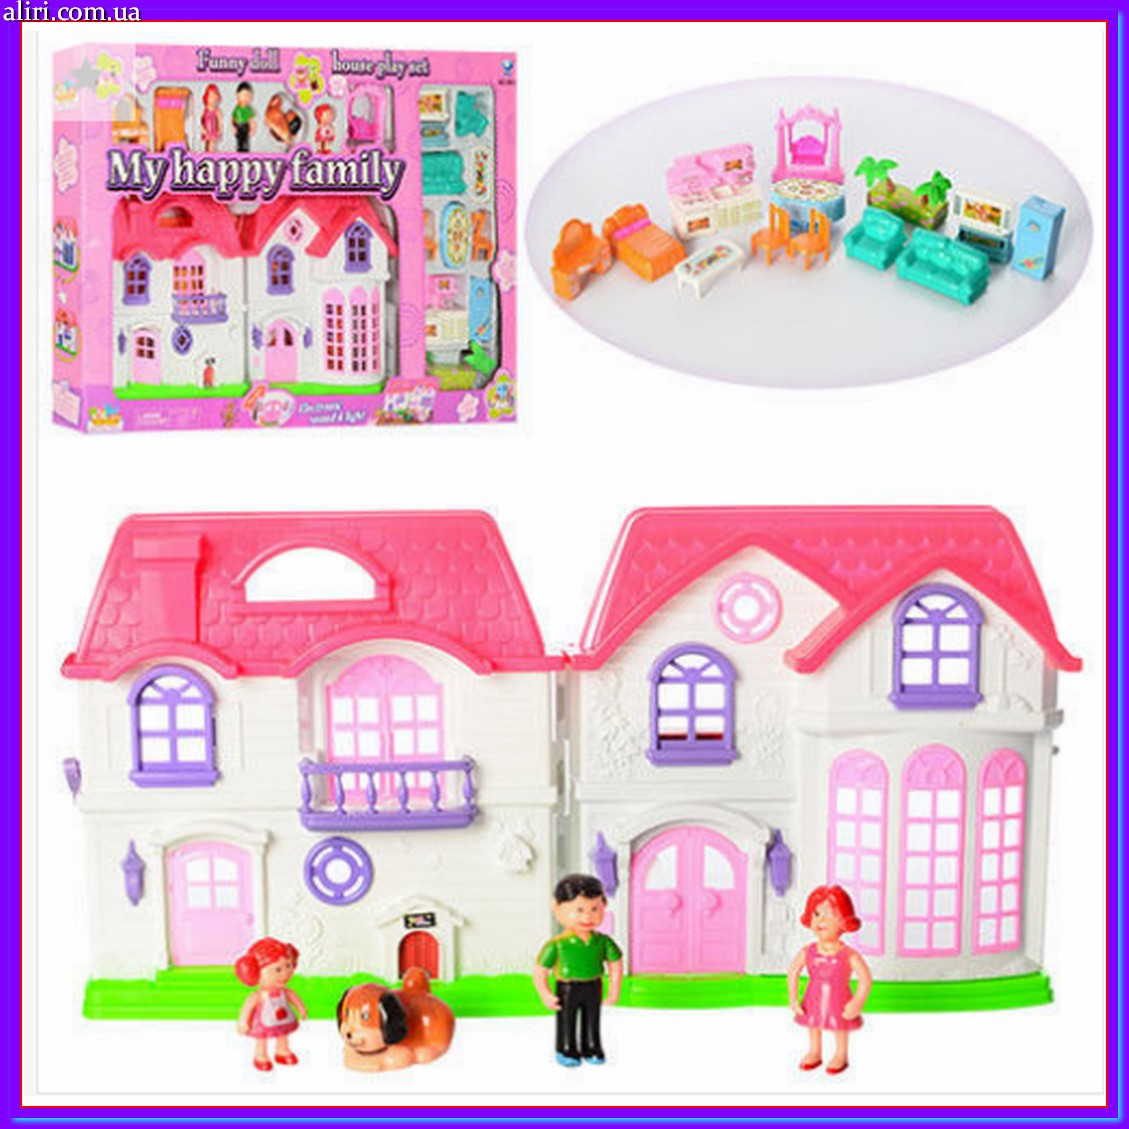 Музыкальный кукольный домик с семьей, мебелью, собачкой 8032